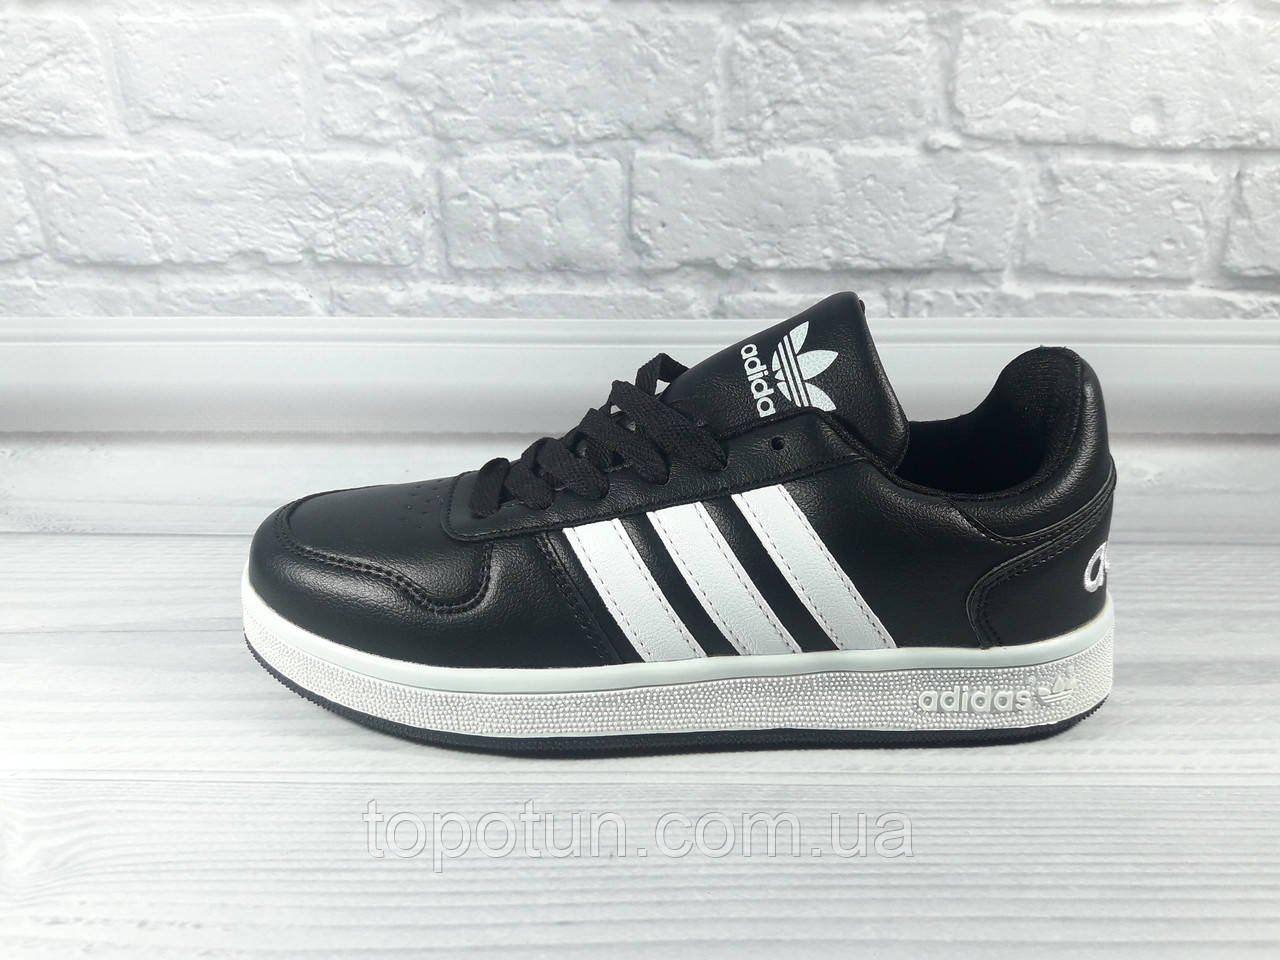 """Кроссовки для мальчика """"Adidas"""" Размер: 38"""